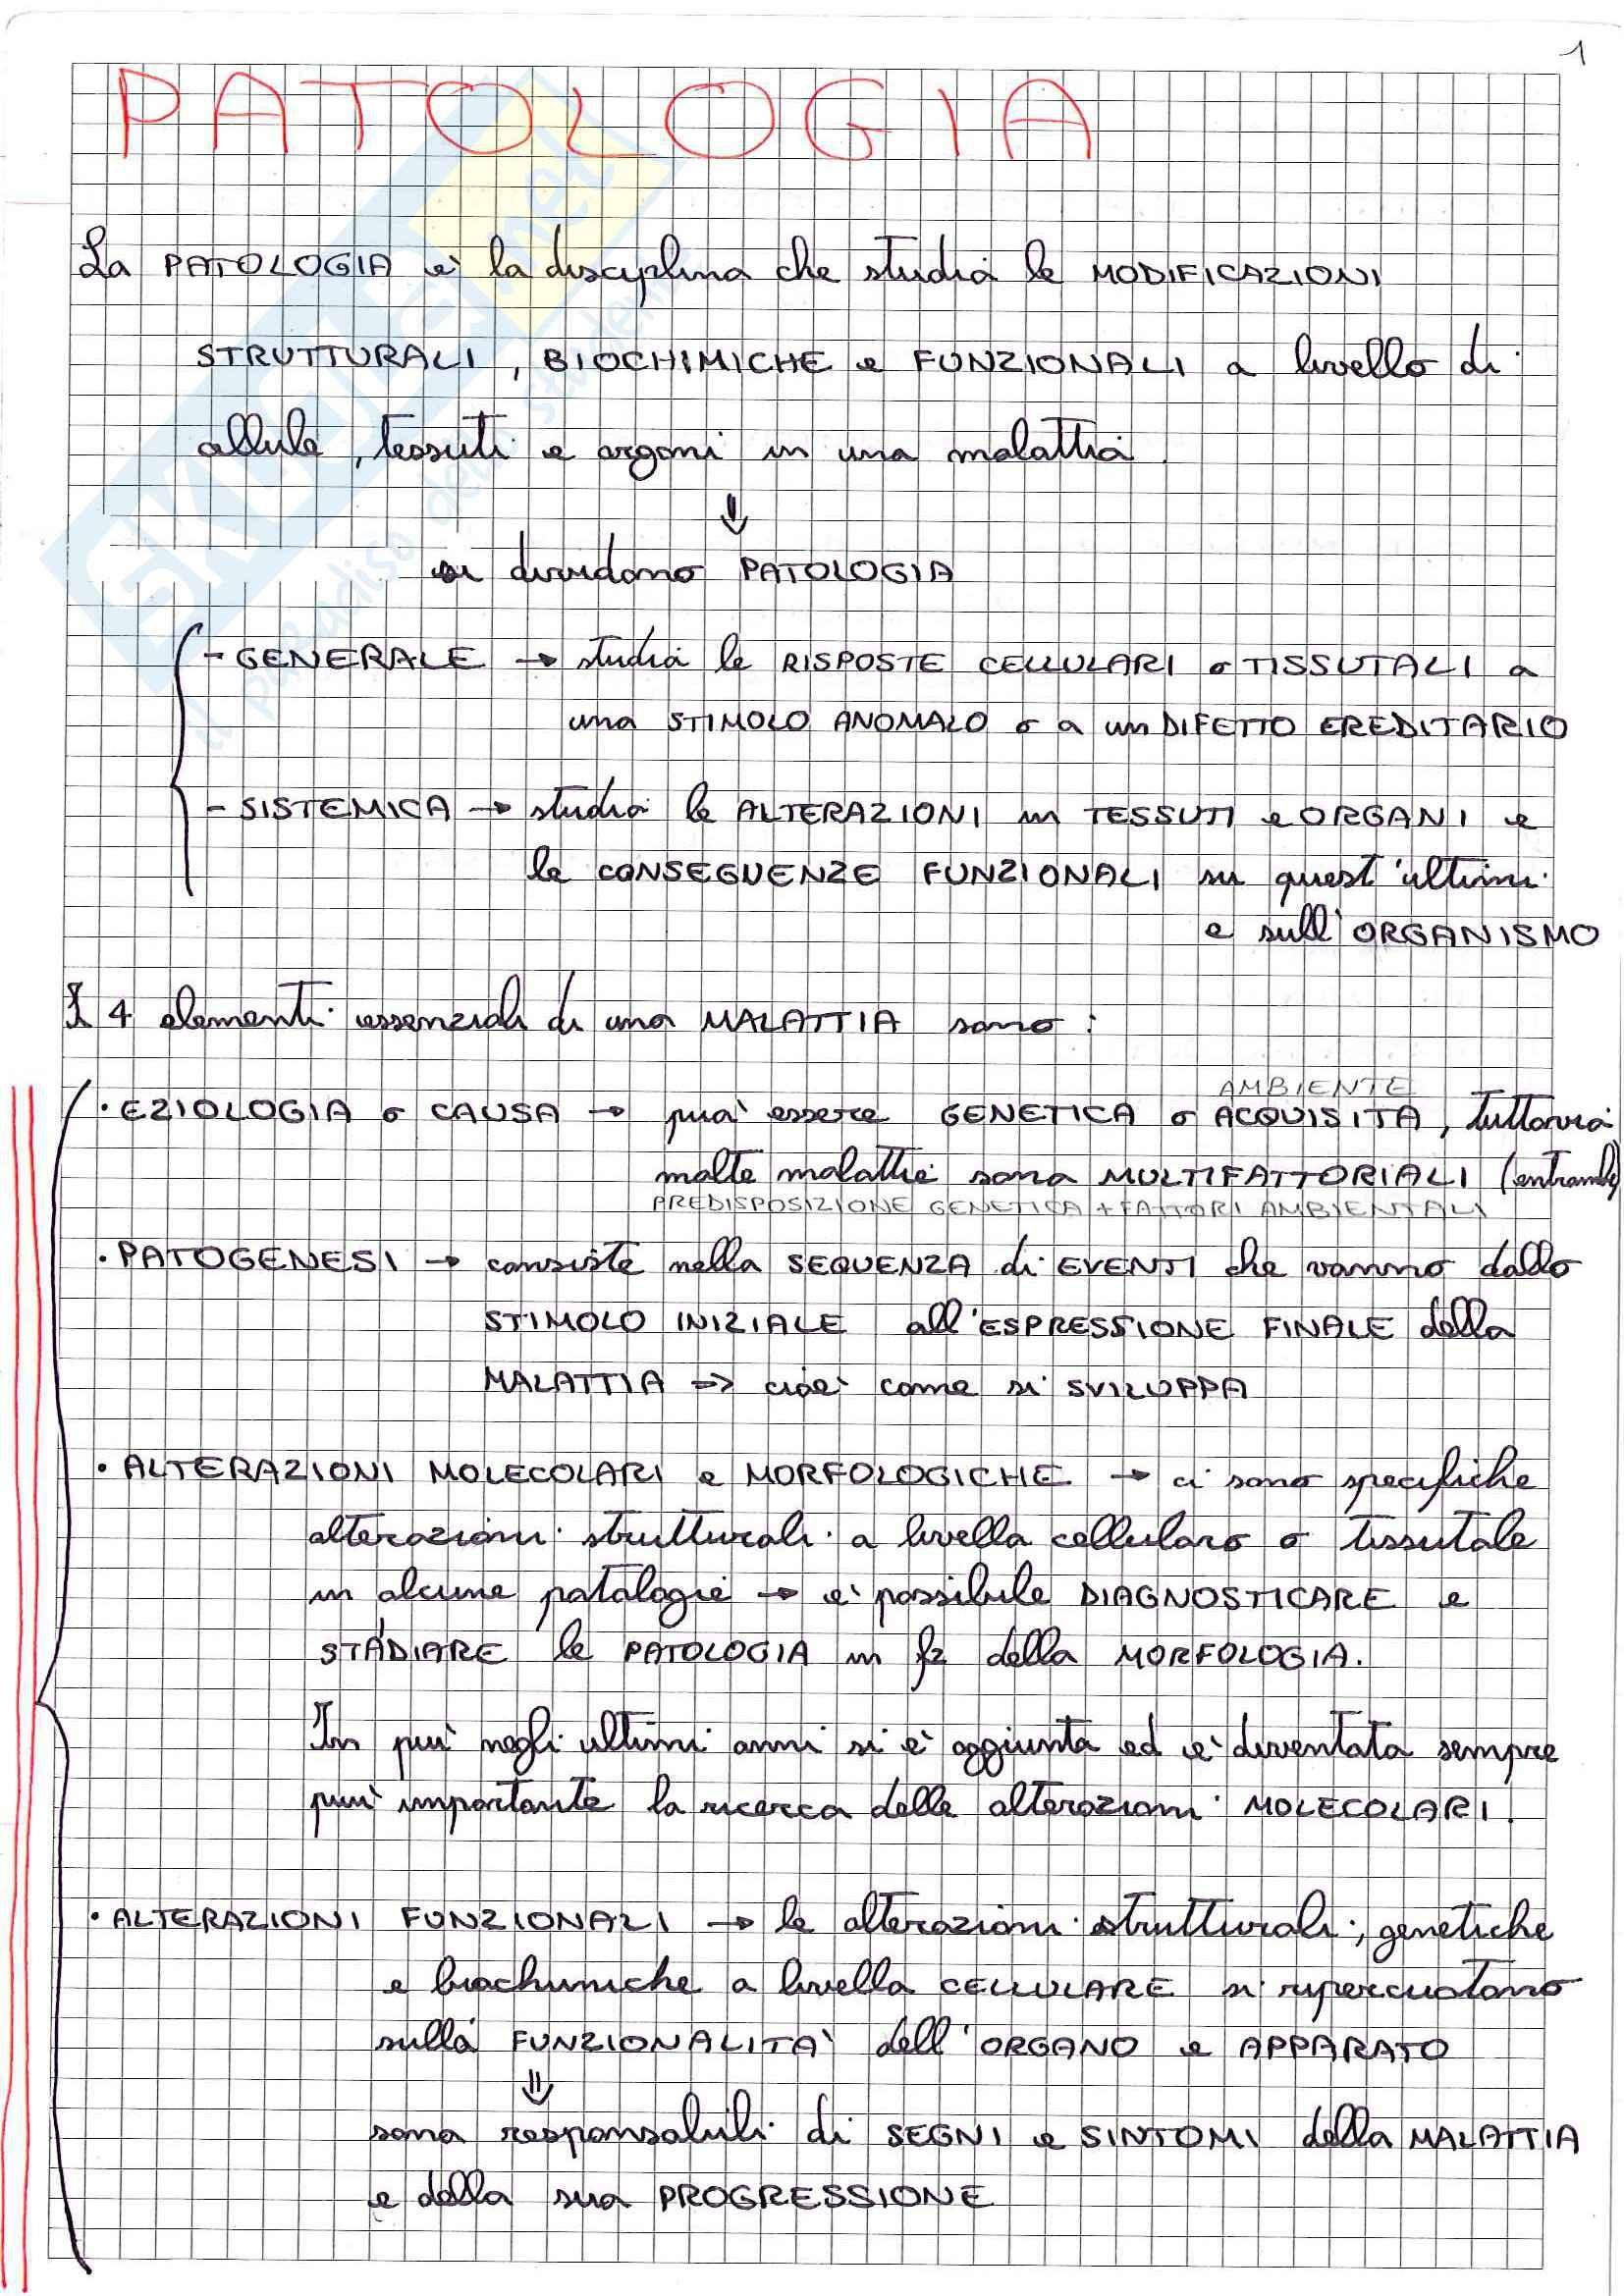 Riassunto esame Patologia, prof. Desiderio, libro consigliato Le basi patologiche delle malattie, Robbins , Cotran: parte 1